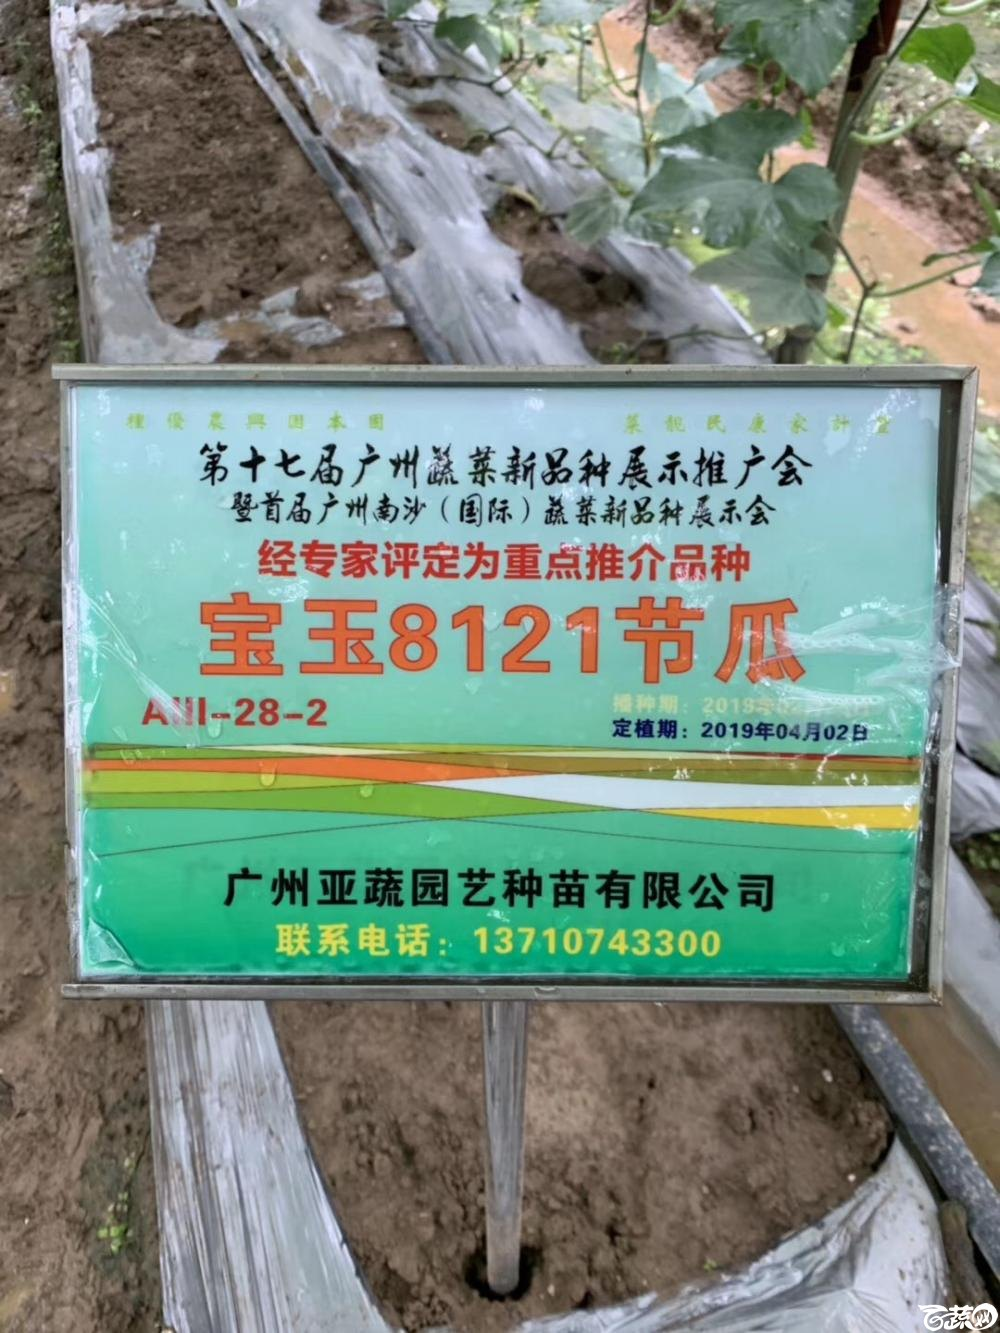 第十七届广州市蔬菜新品种展示推广会,专家重点推介品种,宝玉8121节瓜IMG 6815.JPG